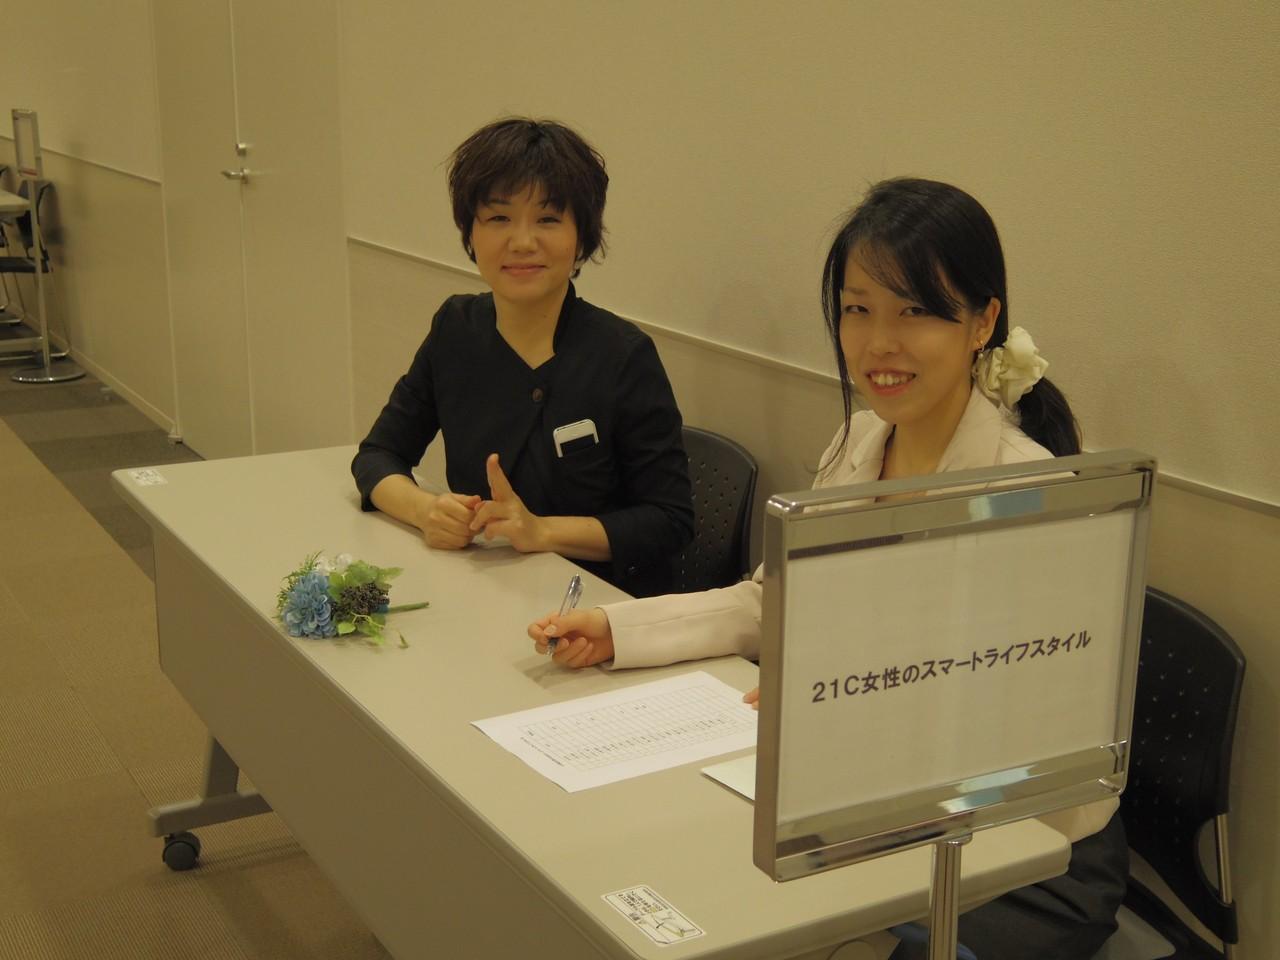 受付嬢はKANSAI FIELDの戸松さんと小水さん。